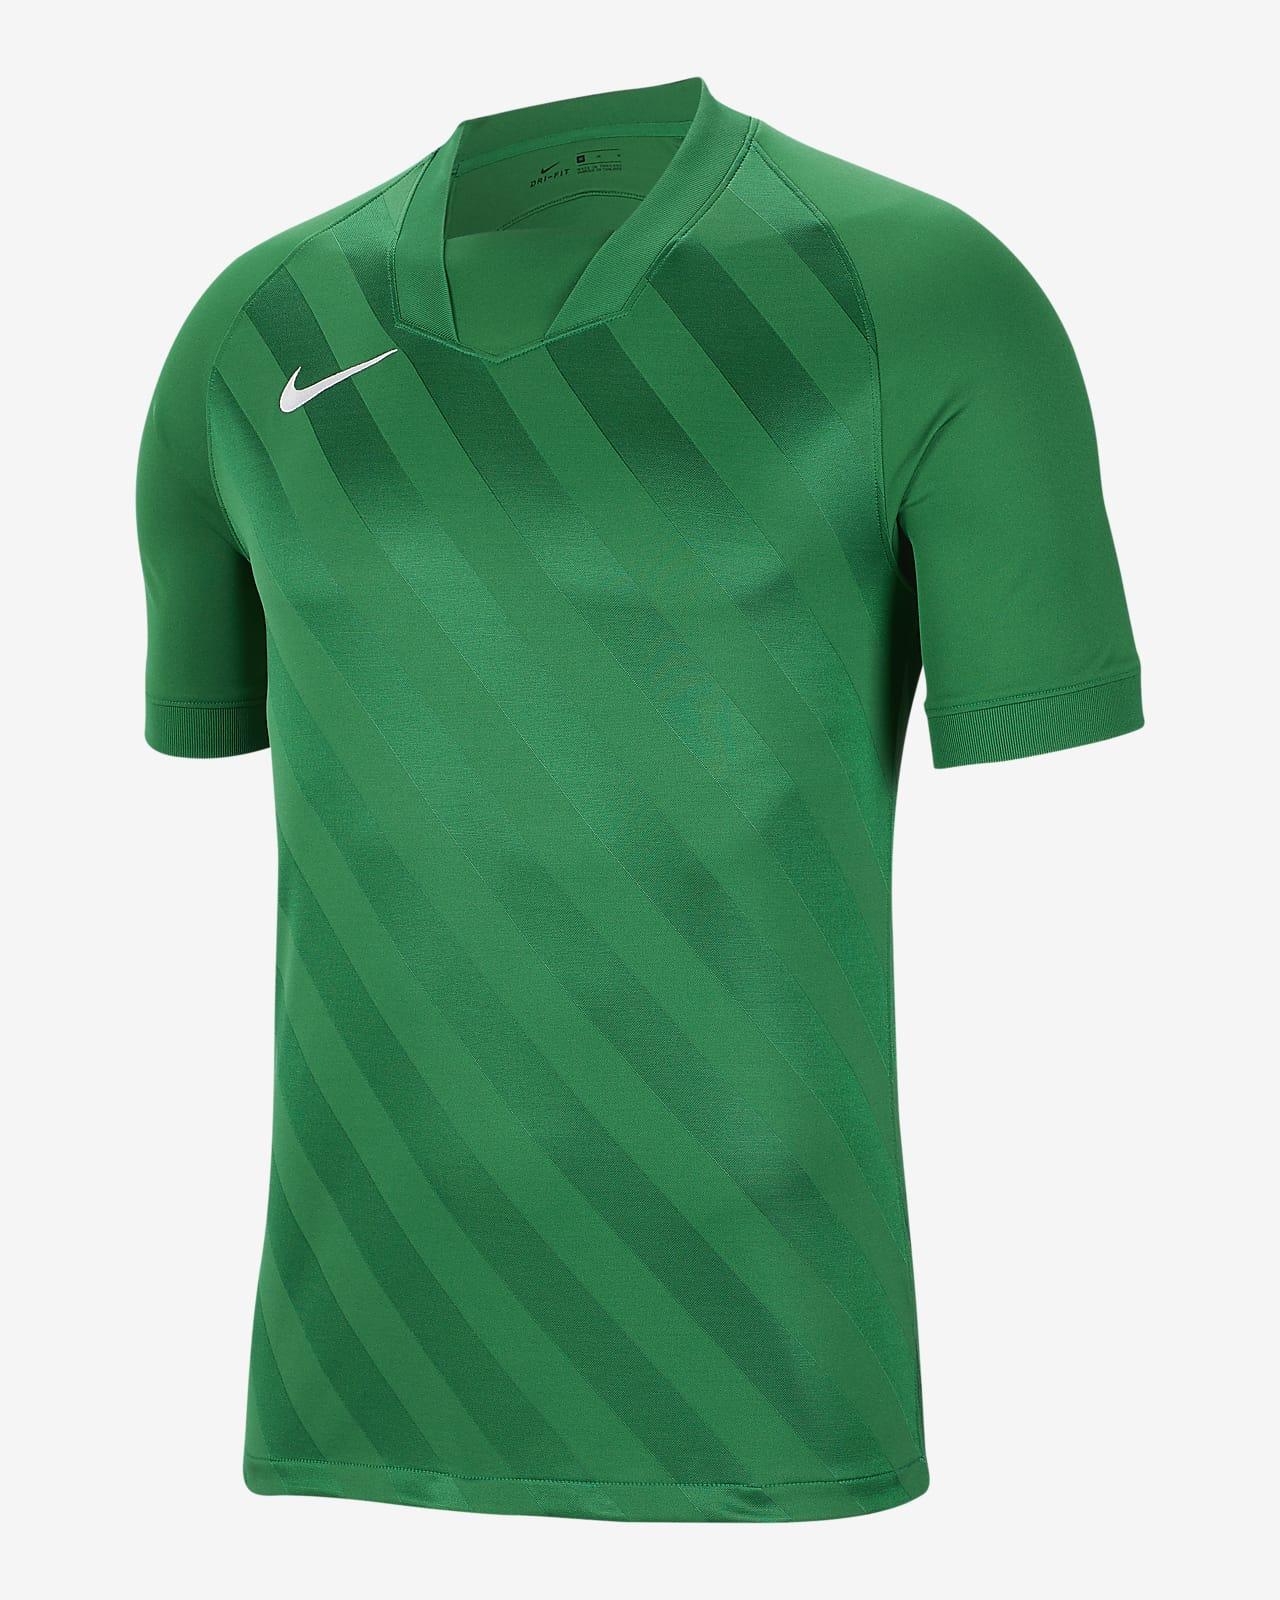 ナイキ Dri-FIT チャレンジ 3 JBY メンズ サッカーユニフォーム